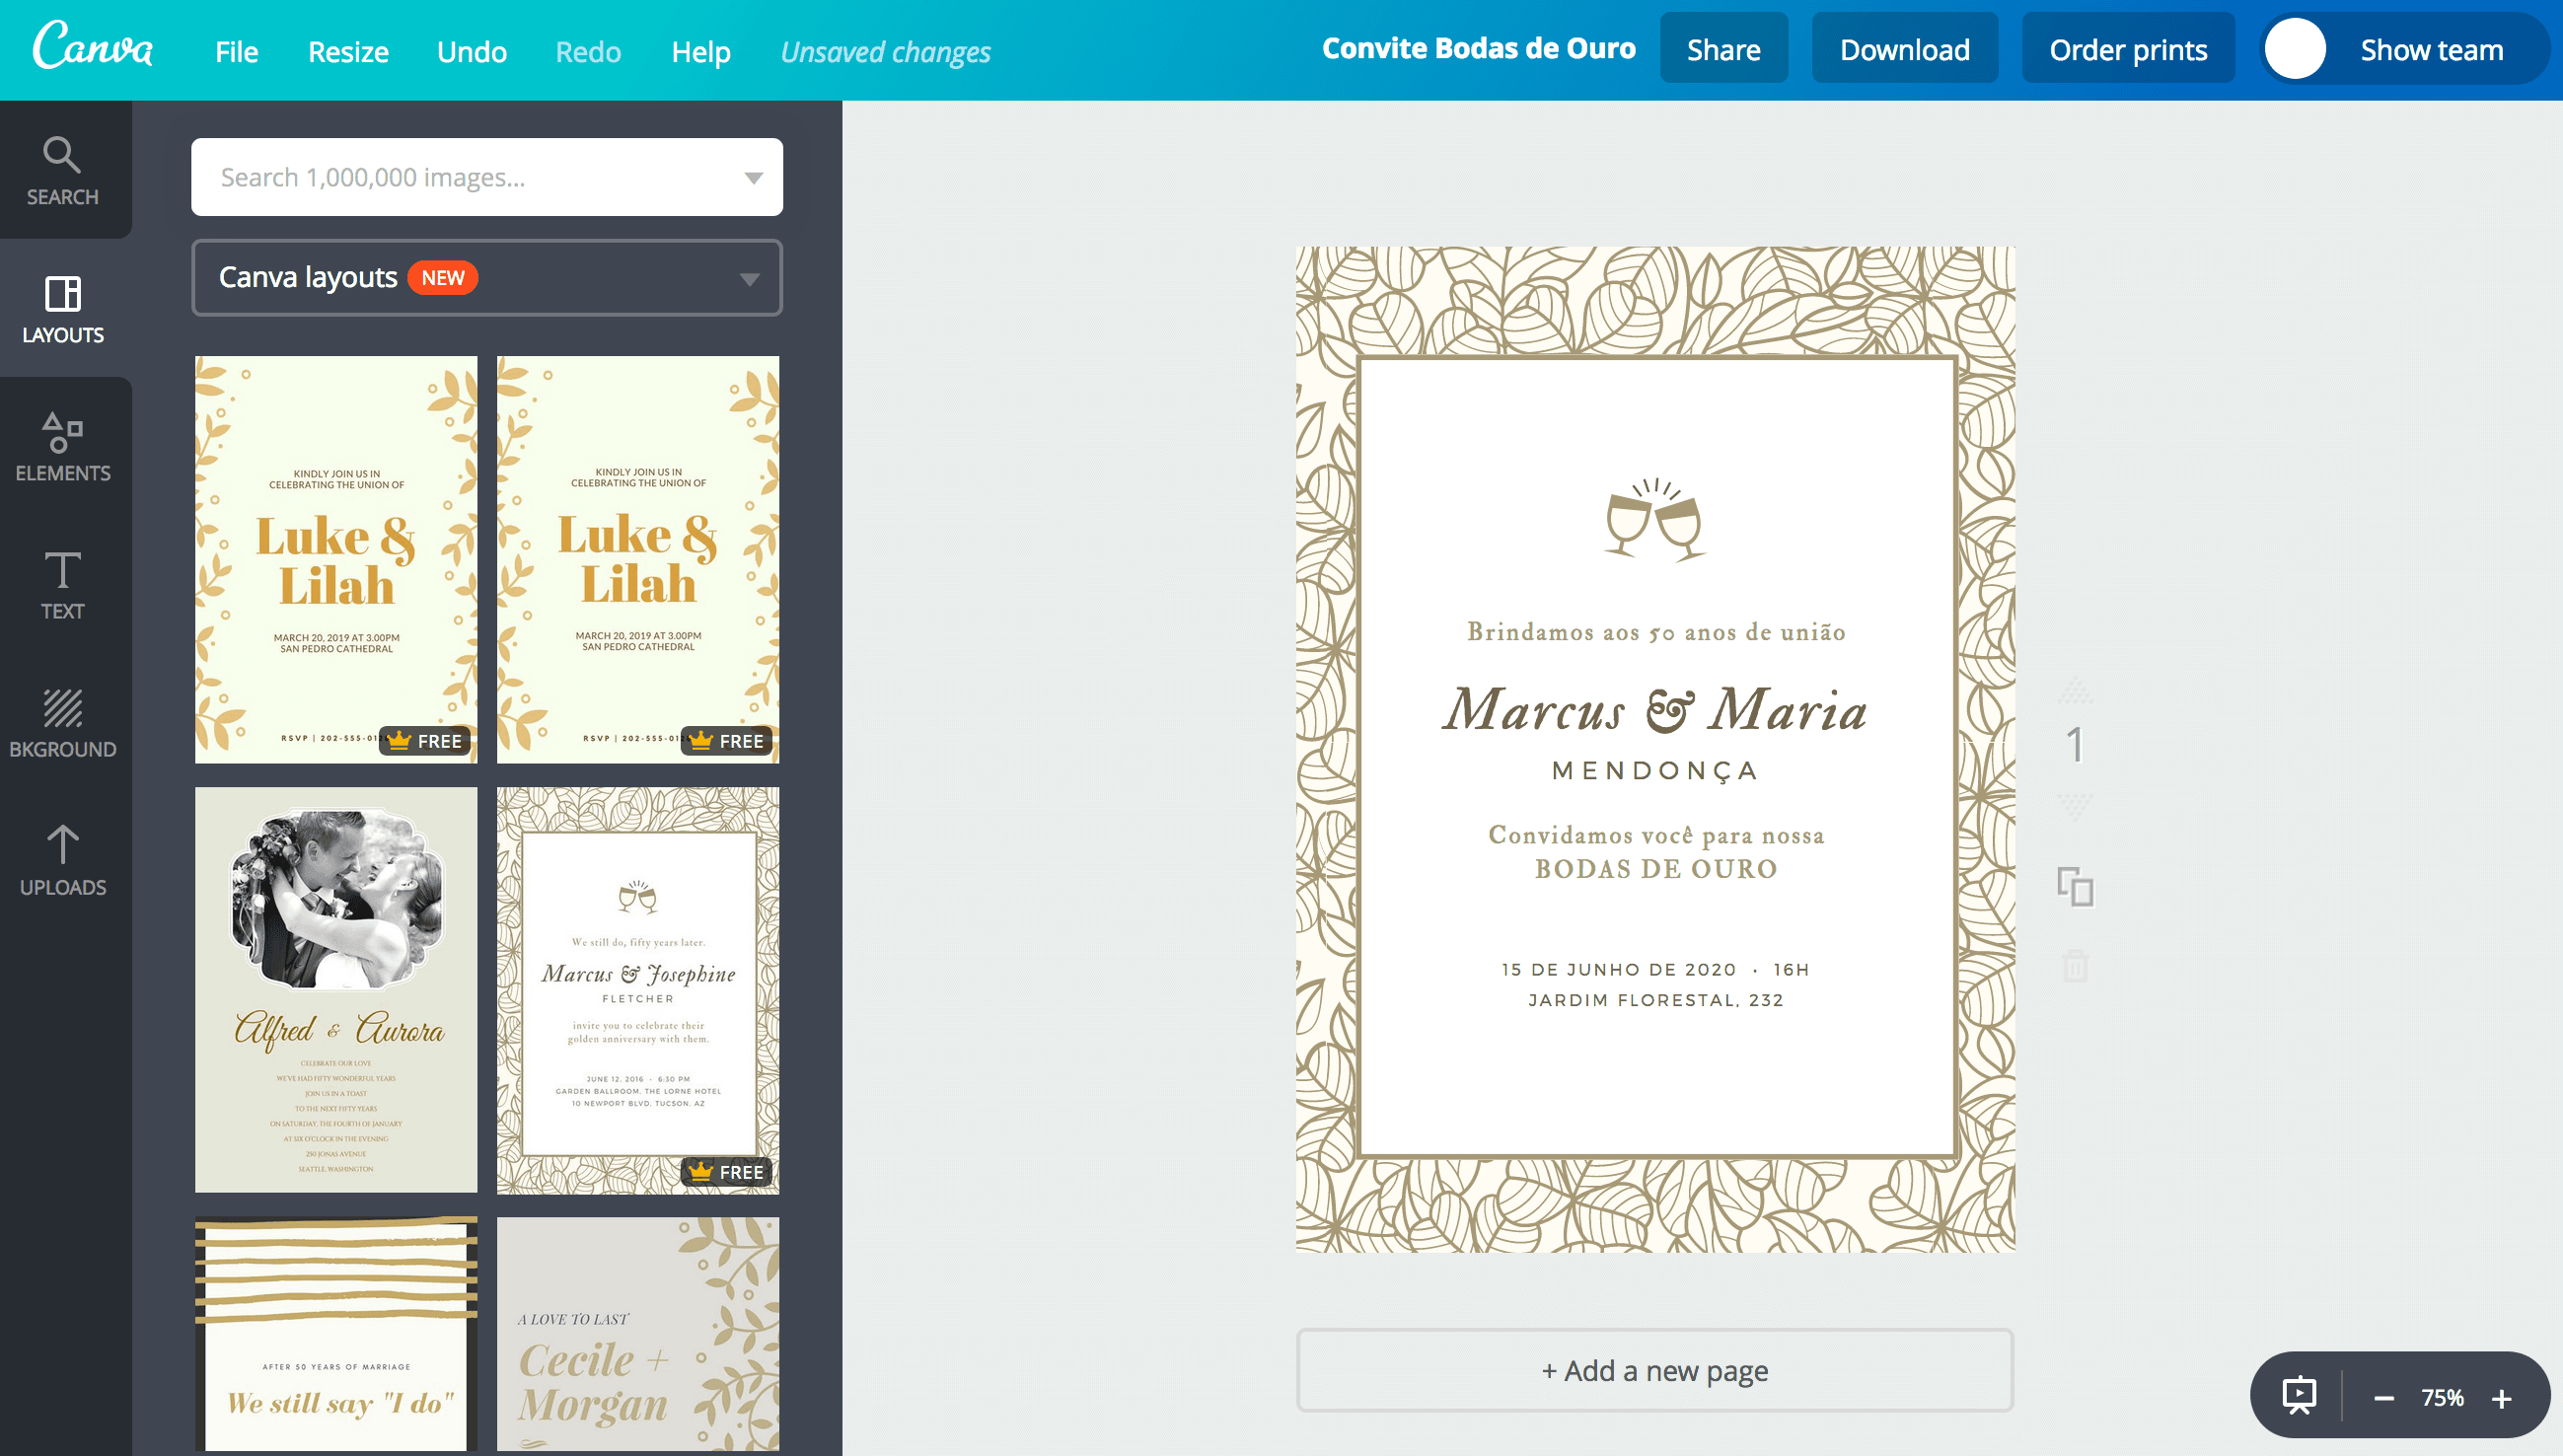 Crie Um Lindo Convite De Bodas De Ouro Para Imprimir Canva